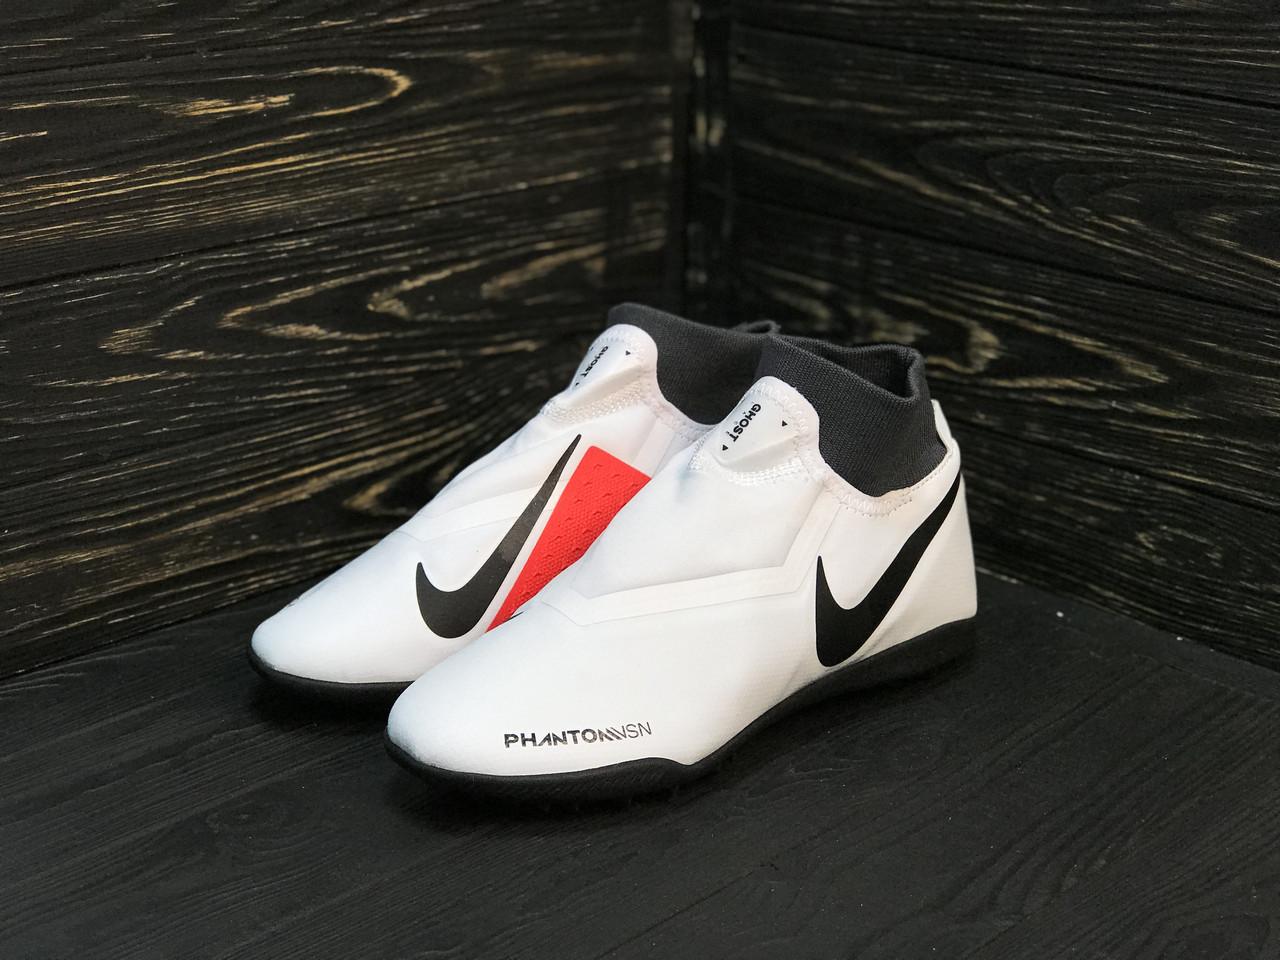 Сороконожки Nike Phantom VSN с носком / футбольная обувь(реплика) - 44, 45